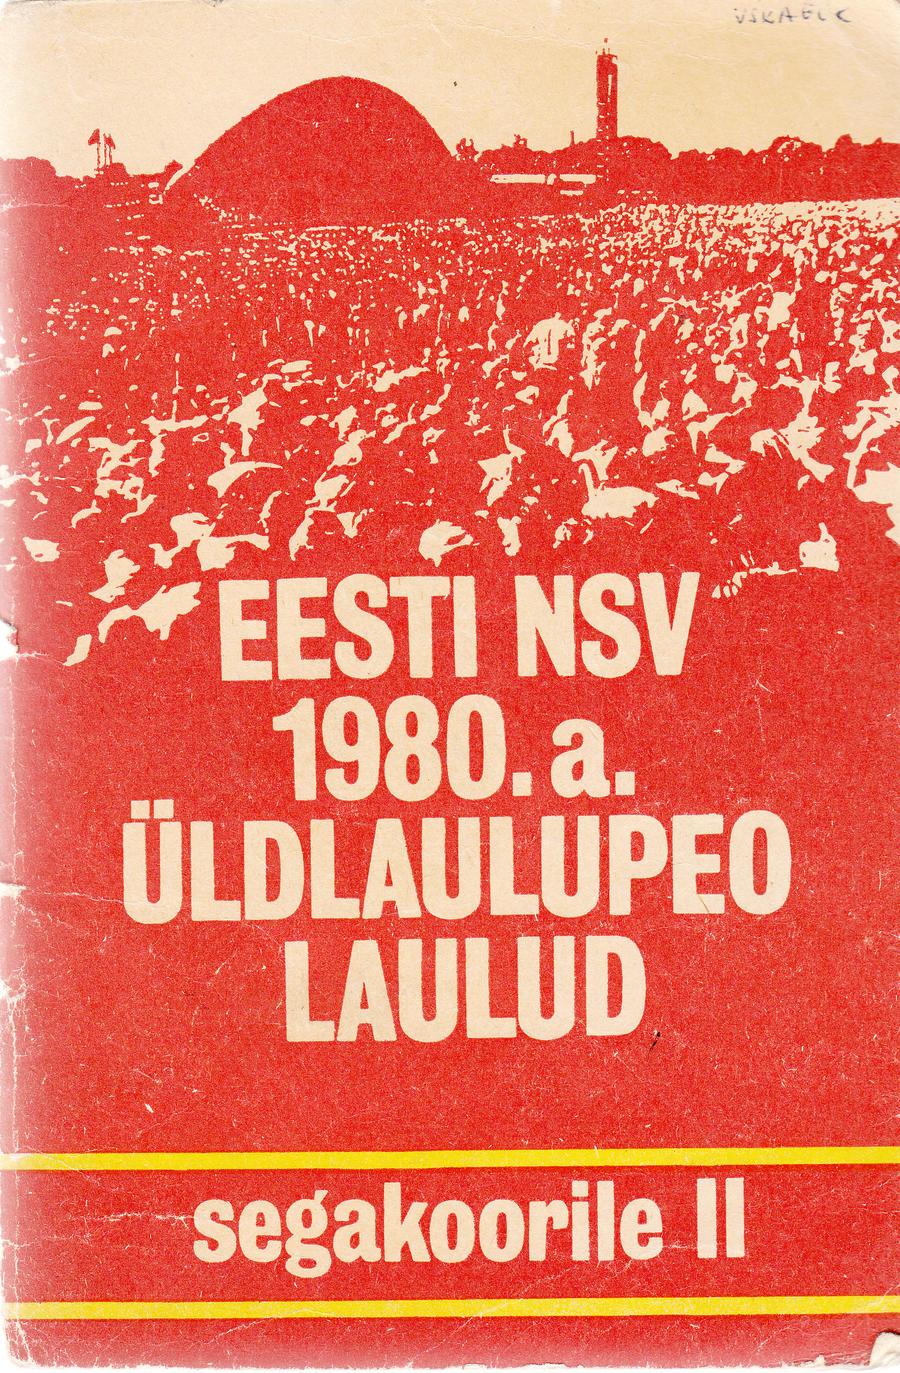 1980 üldlaulupeo laulud segakoorile_0001